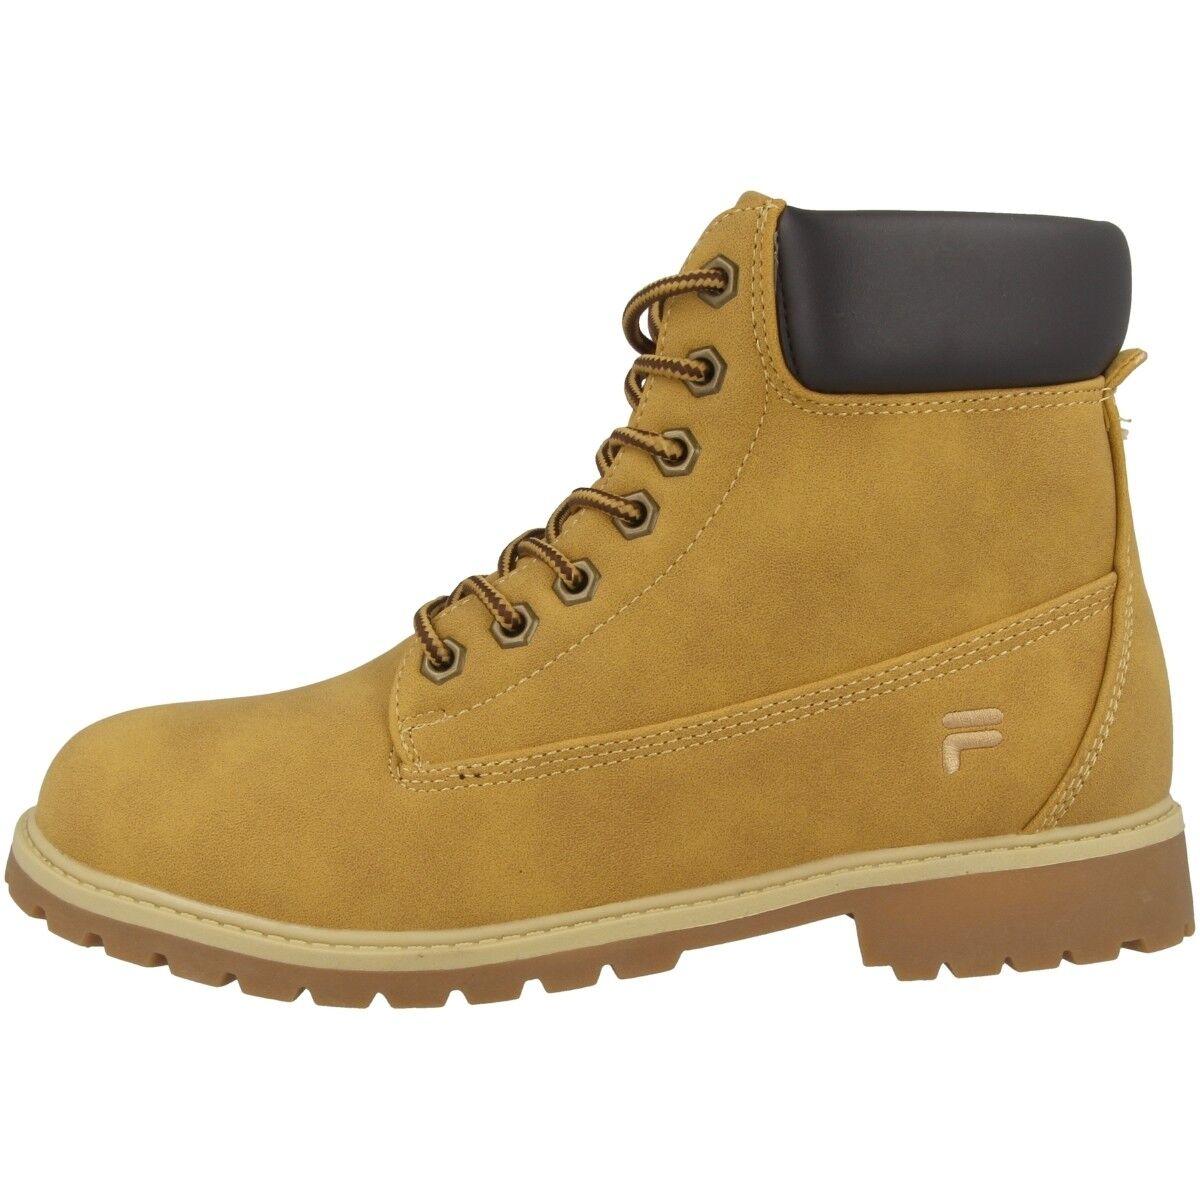 Fila Maverick mid botas zapatos señora outdoor High High High Top zapatos botas 1010196.edu  Para tu estilo de juego a los precios más baratos.